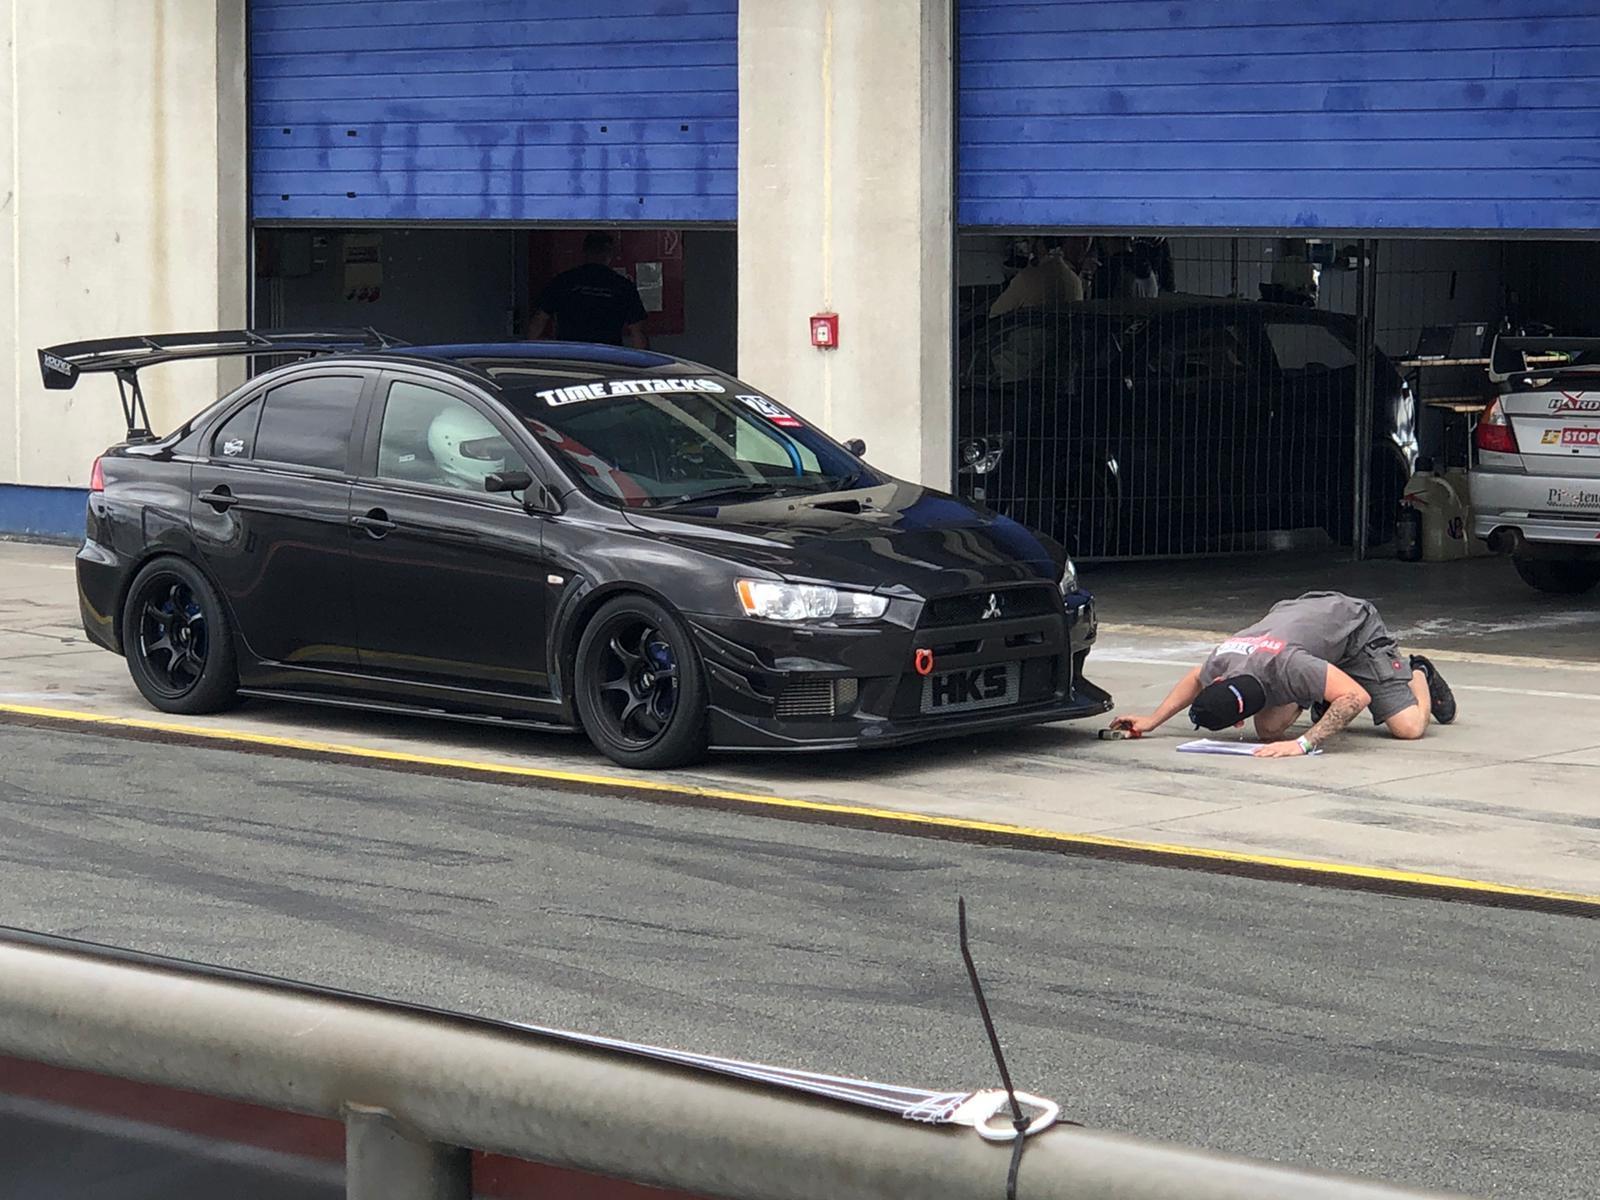 AHG Racing Support - Boxenstop - Reifentemperaturen messen